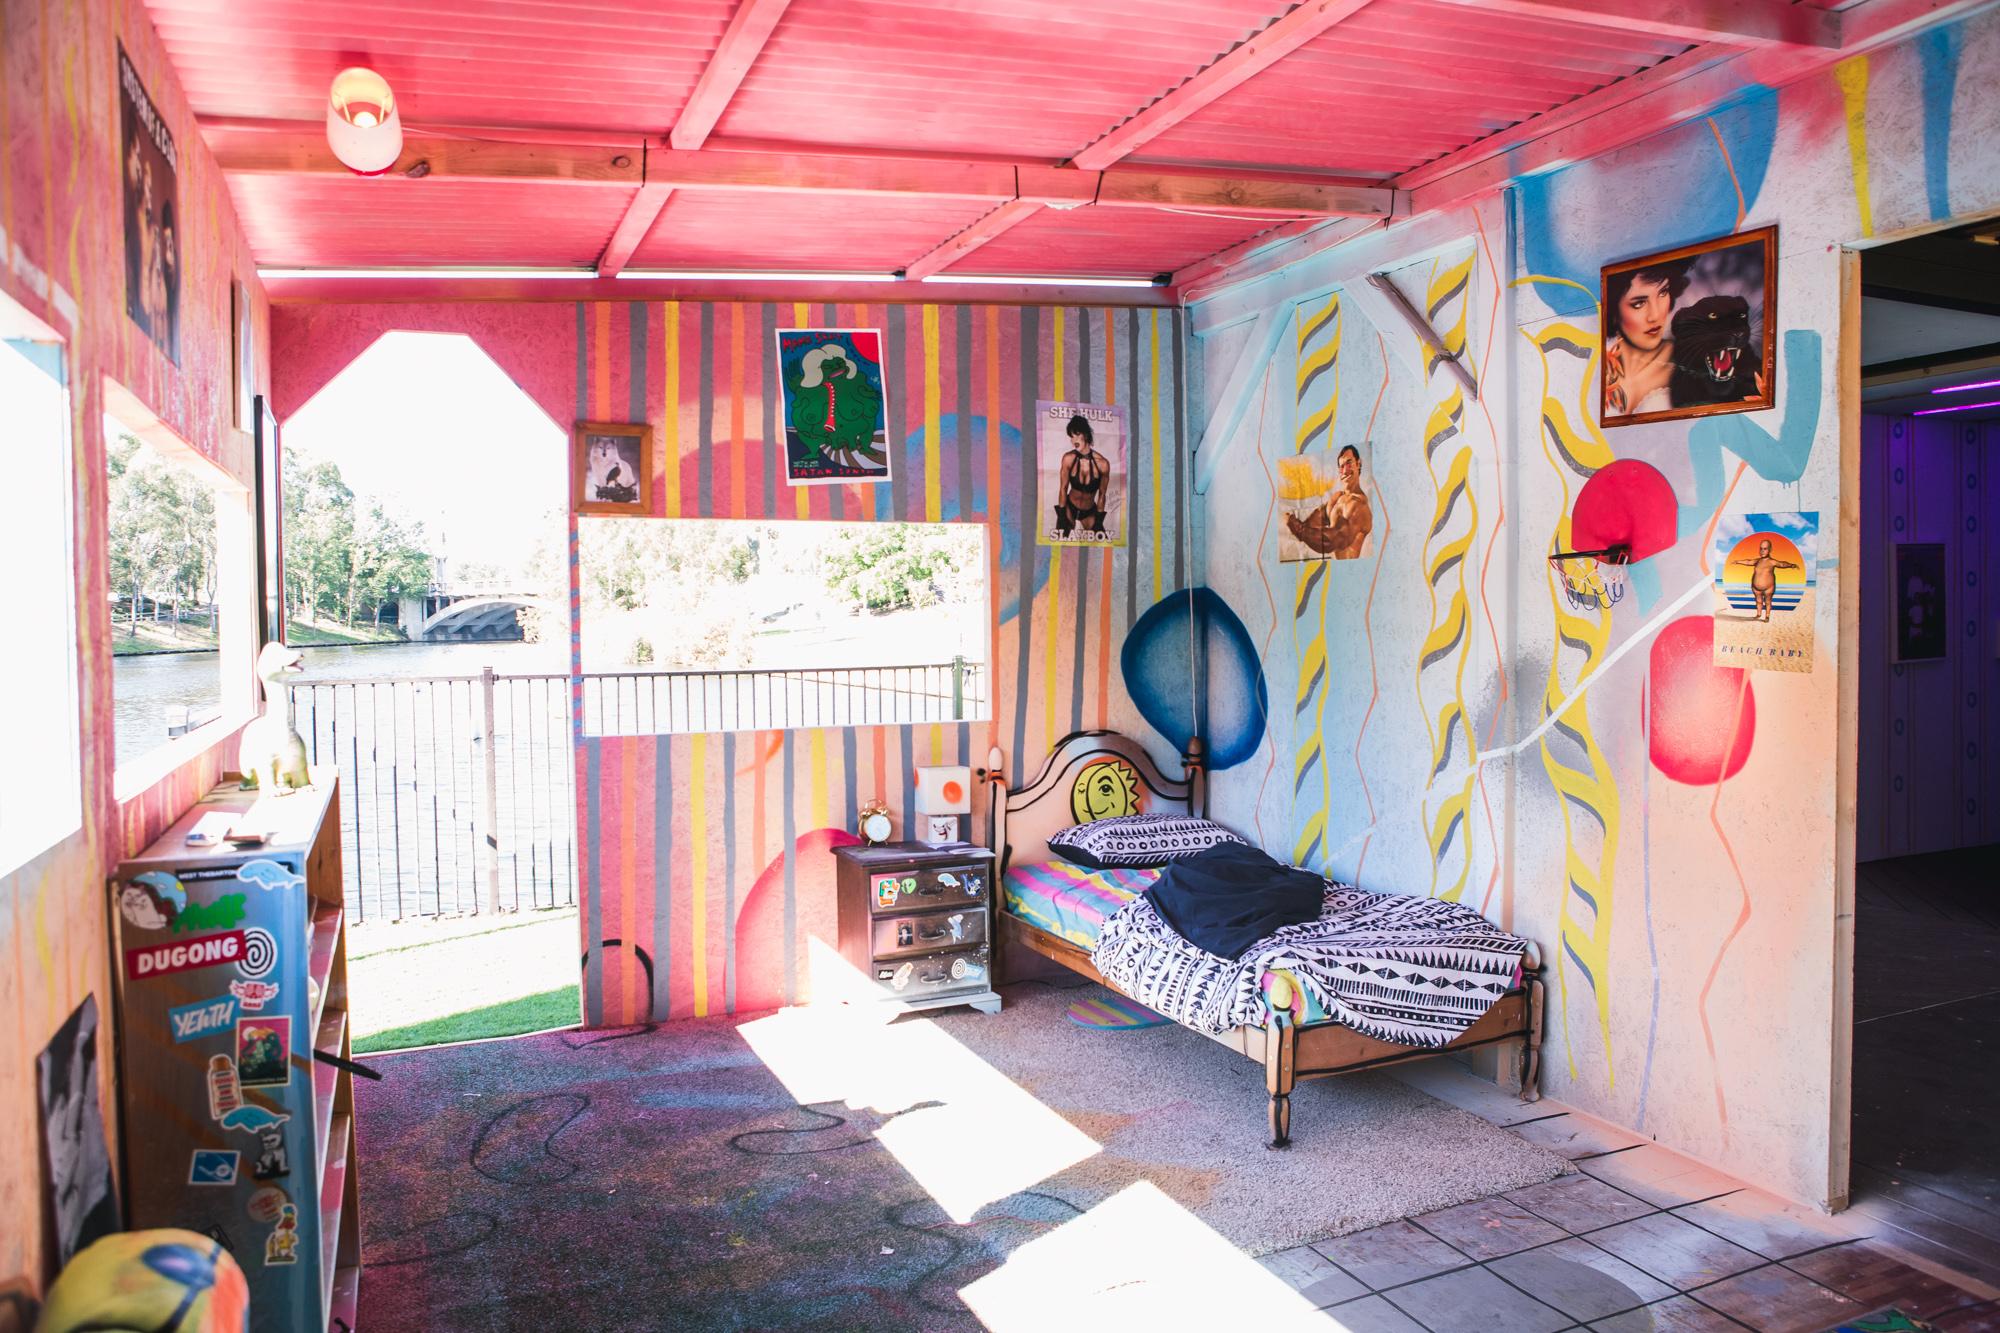 Archies bedroom 2-00003.jpg